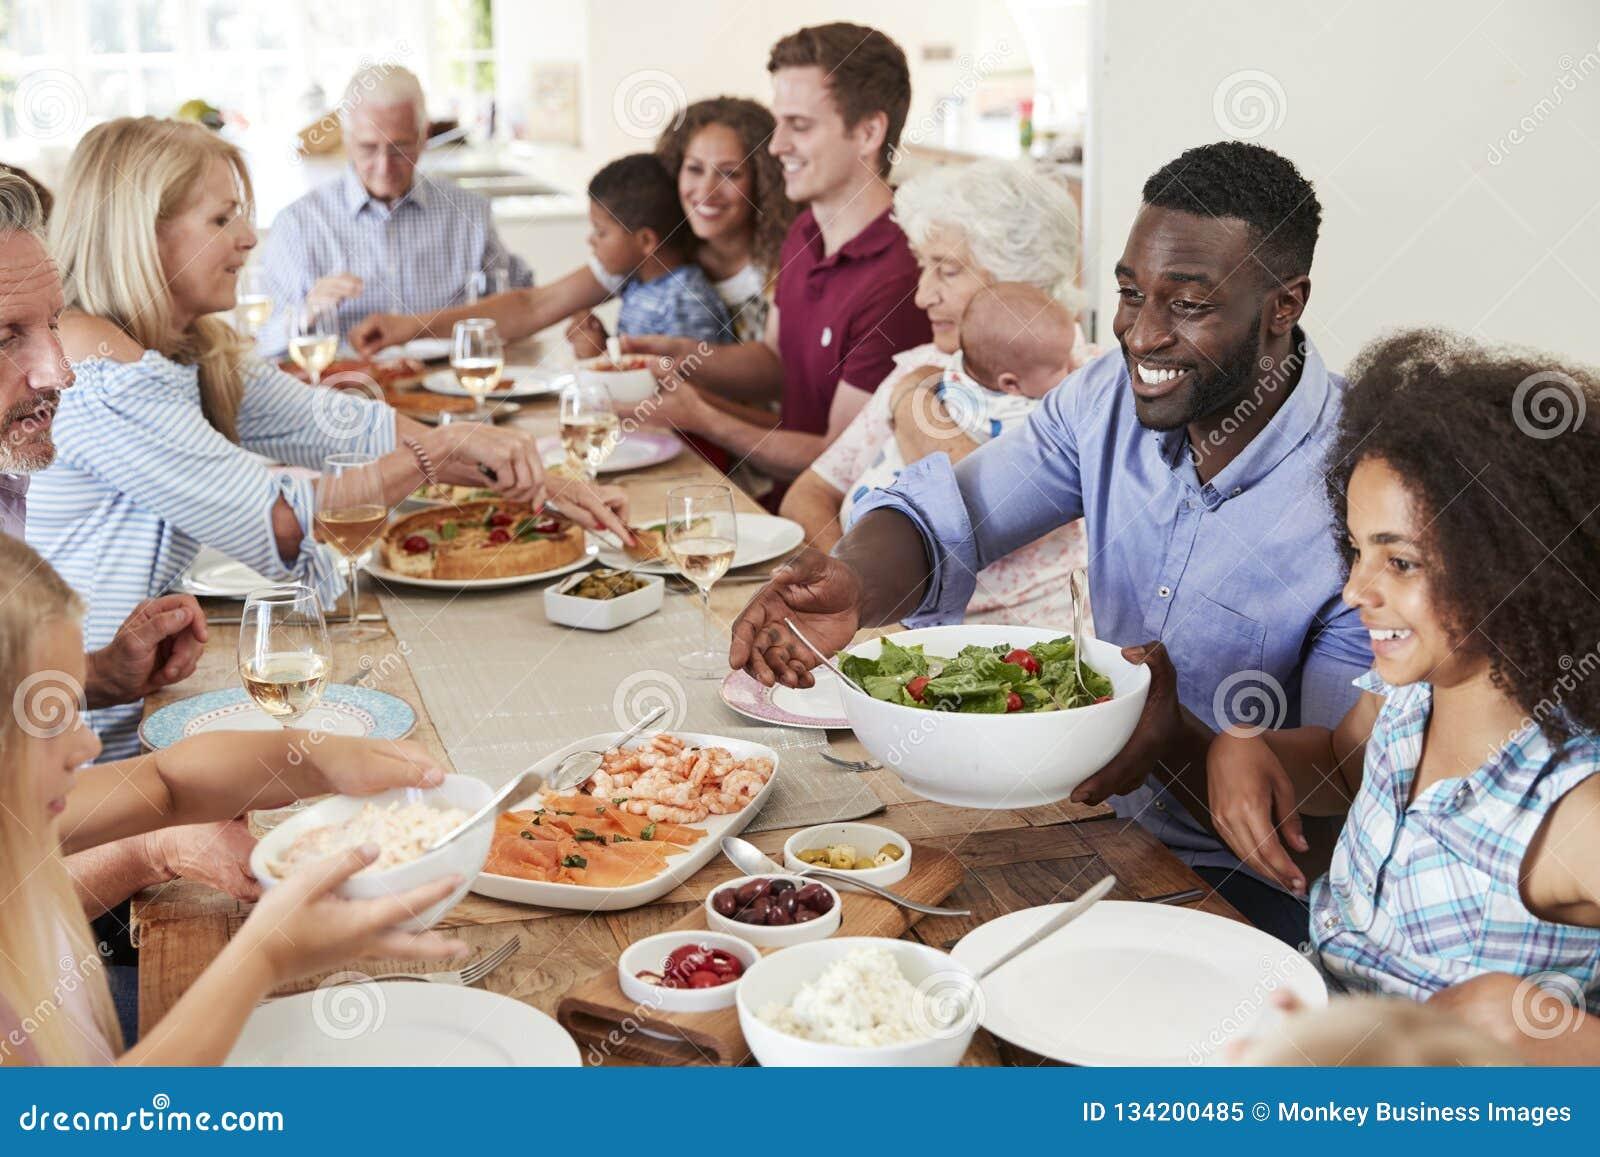 Ομάδα Multi-Generation οικογένειας και φίλων που κάθονται τον πίνακα και που απολαμβάνουν το γεύμα